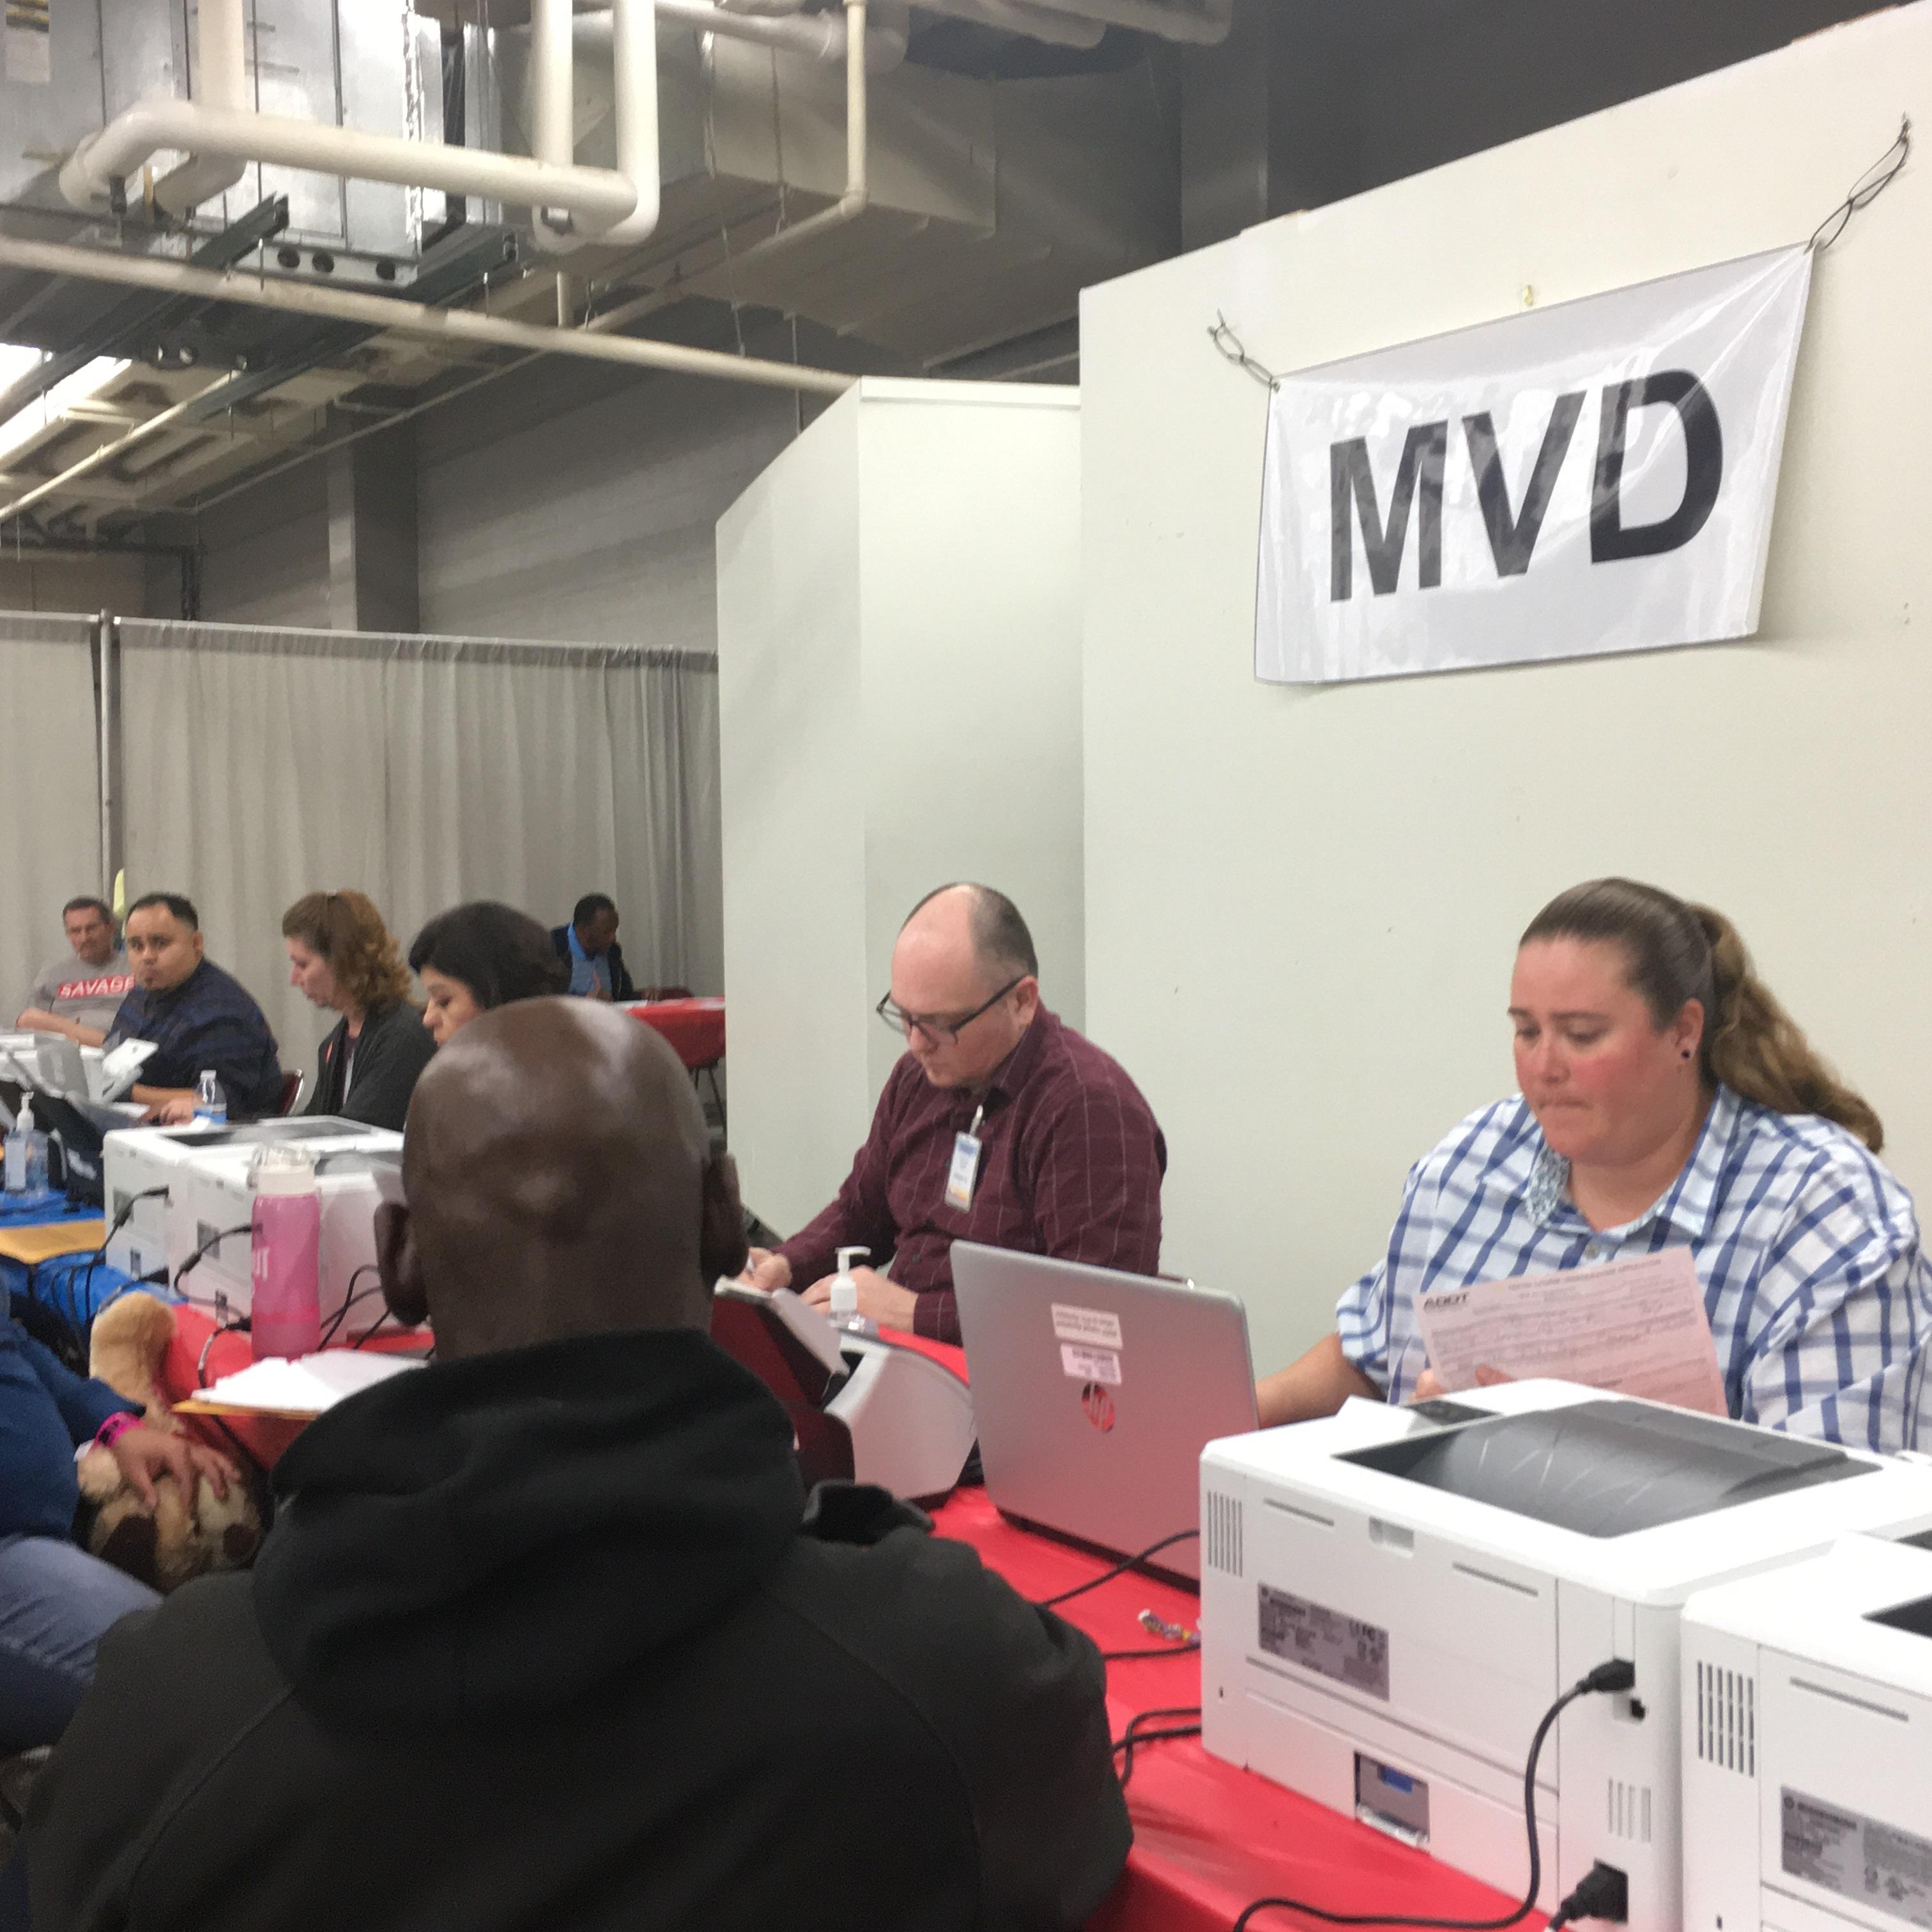 MVD at StandDown event